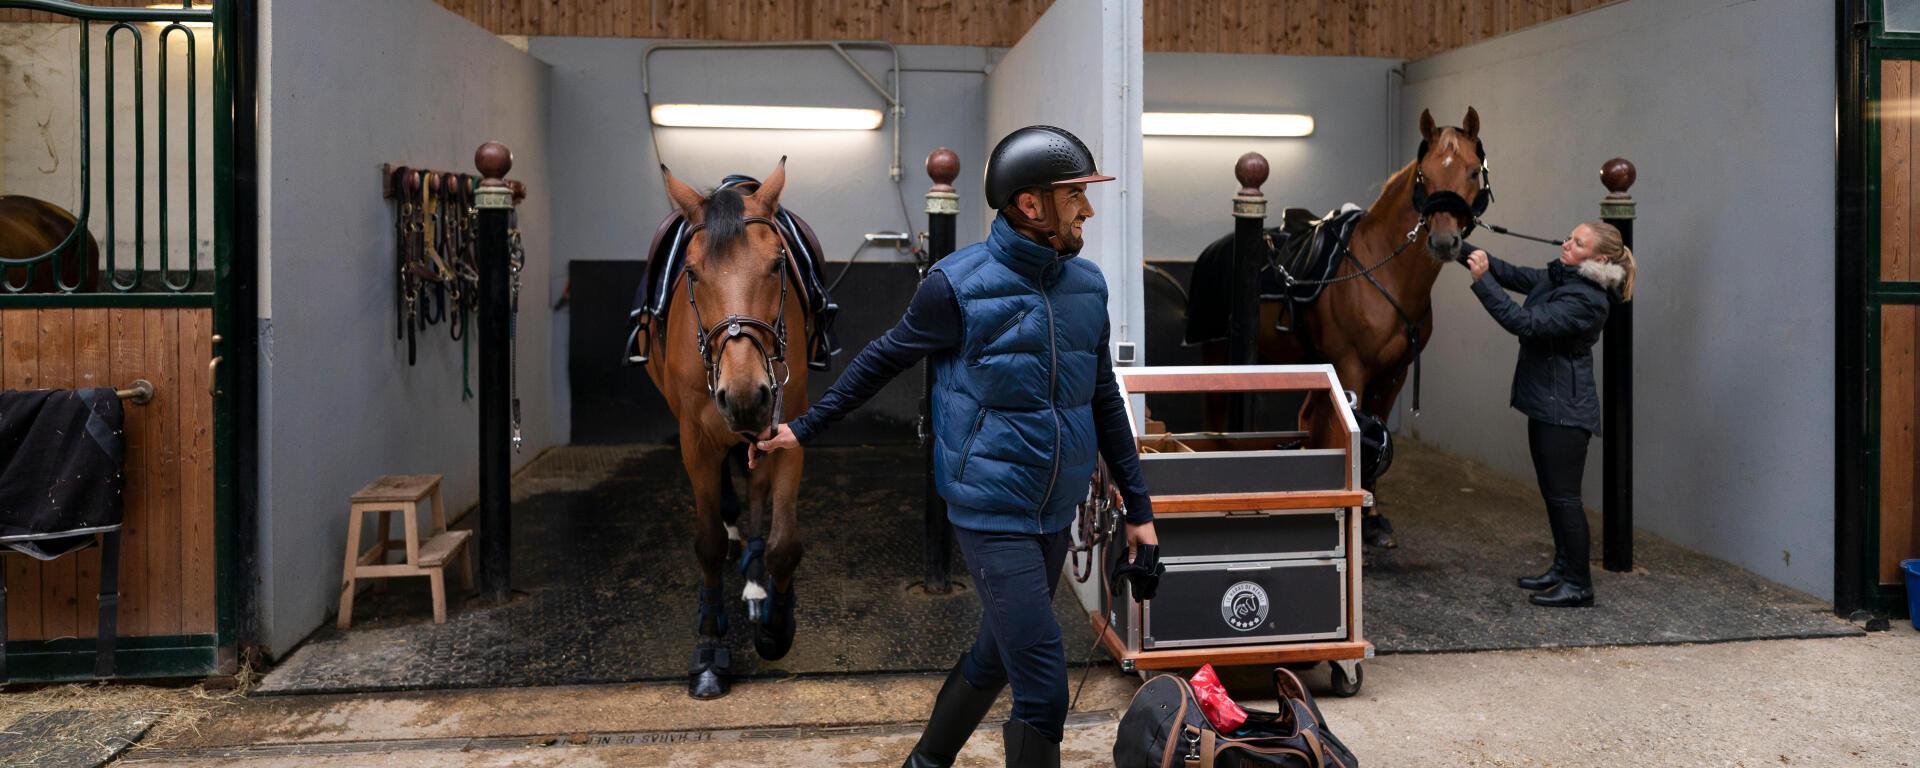 habillement-homme-équitation-hiver